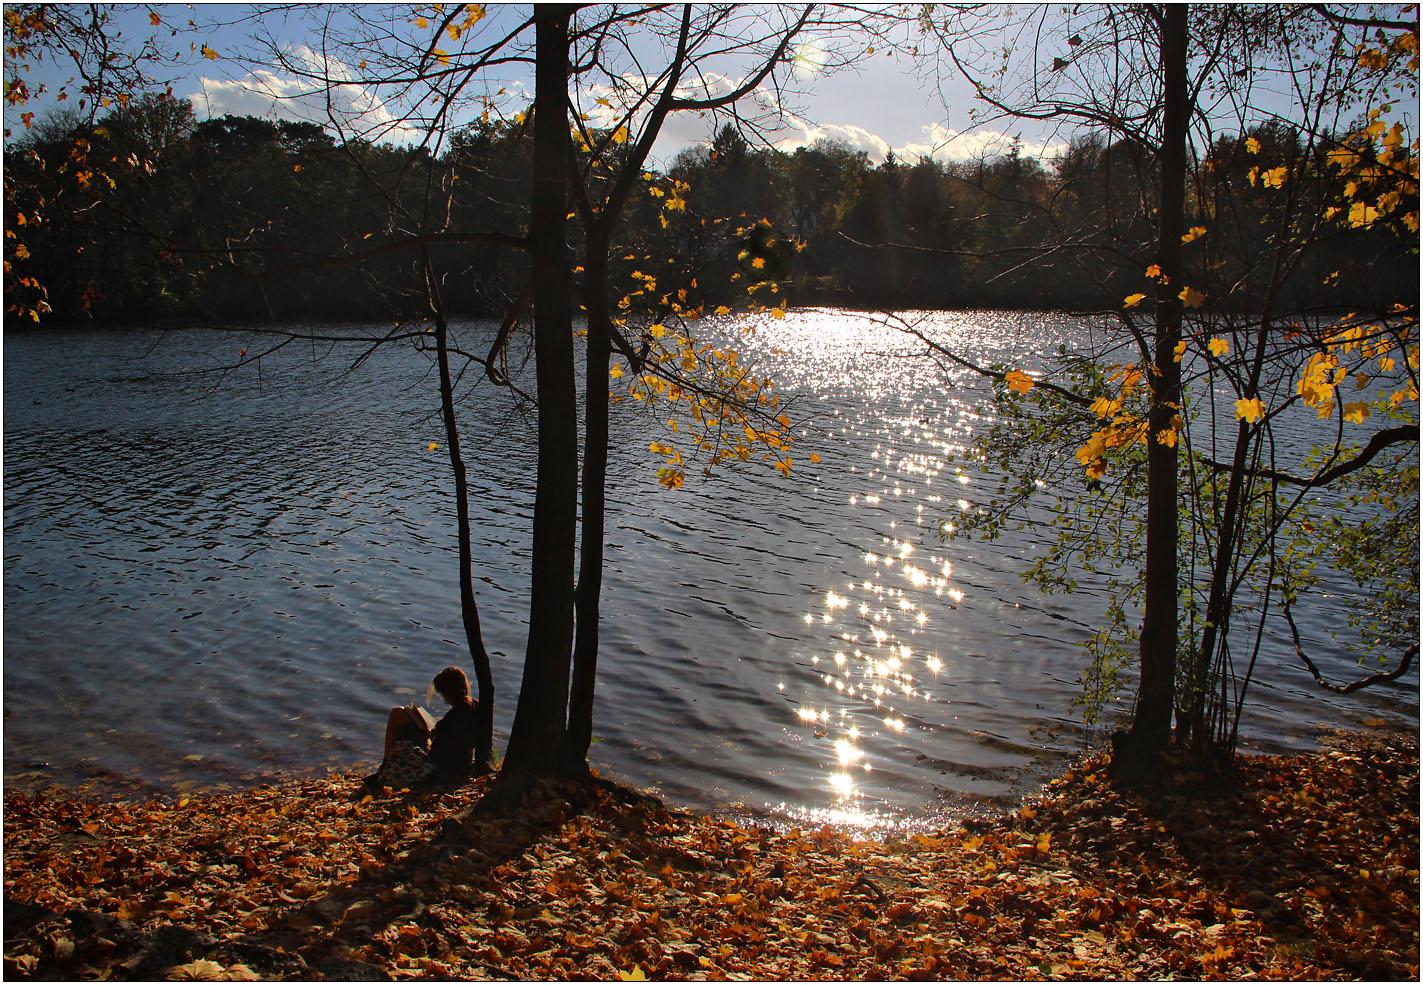 Ein wunderschöner Herbsttag ...